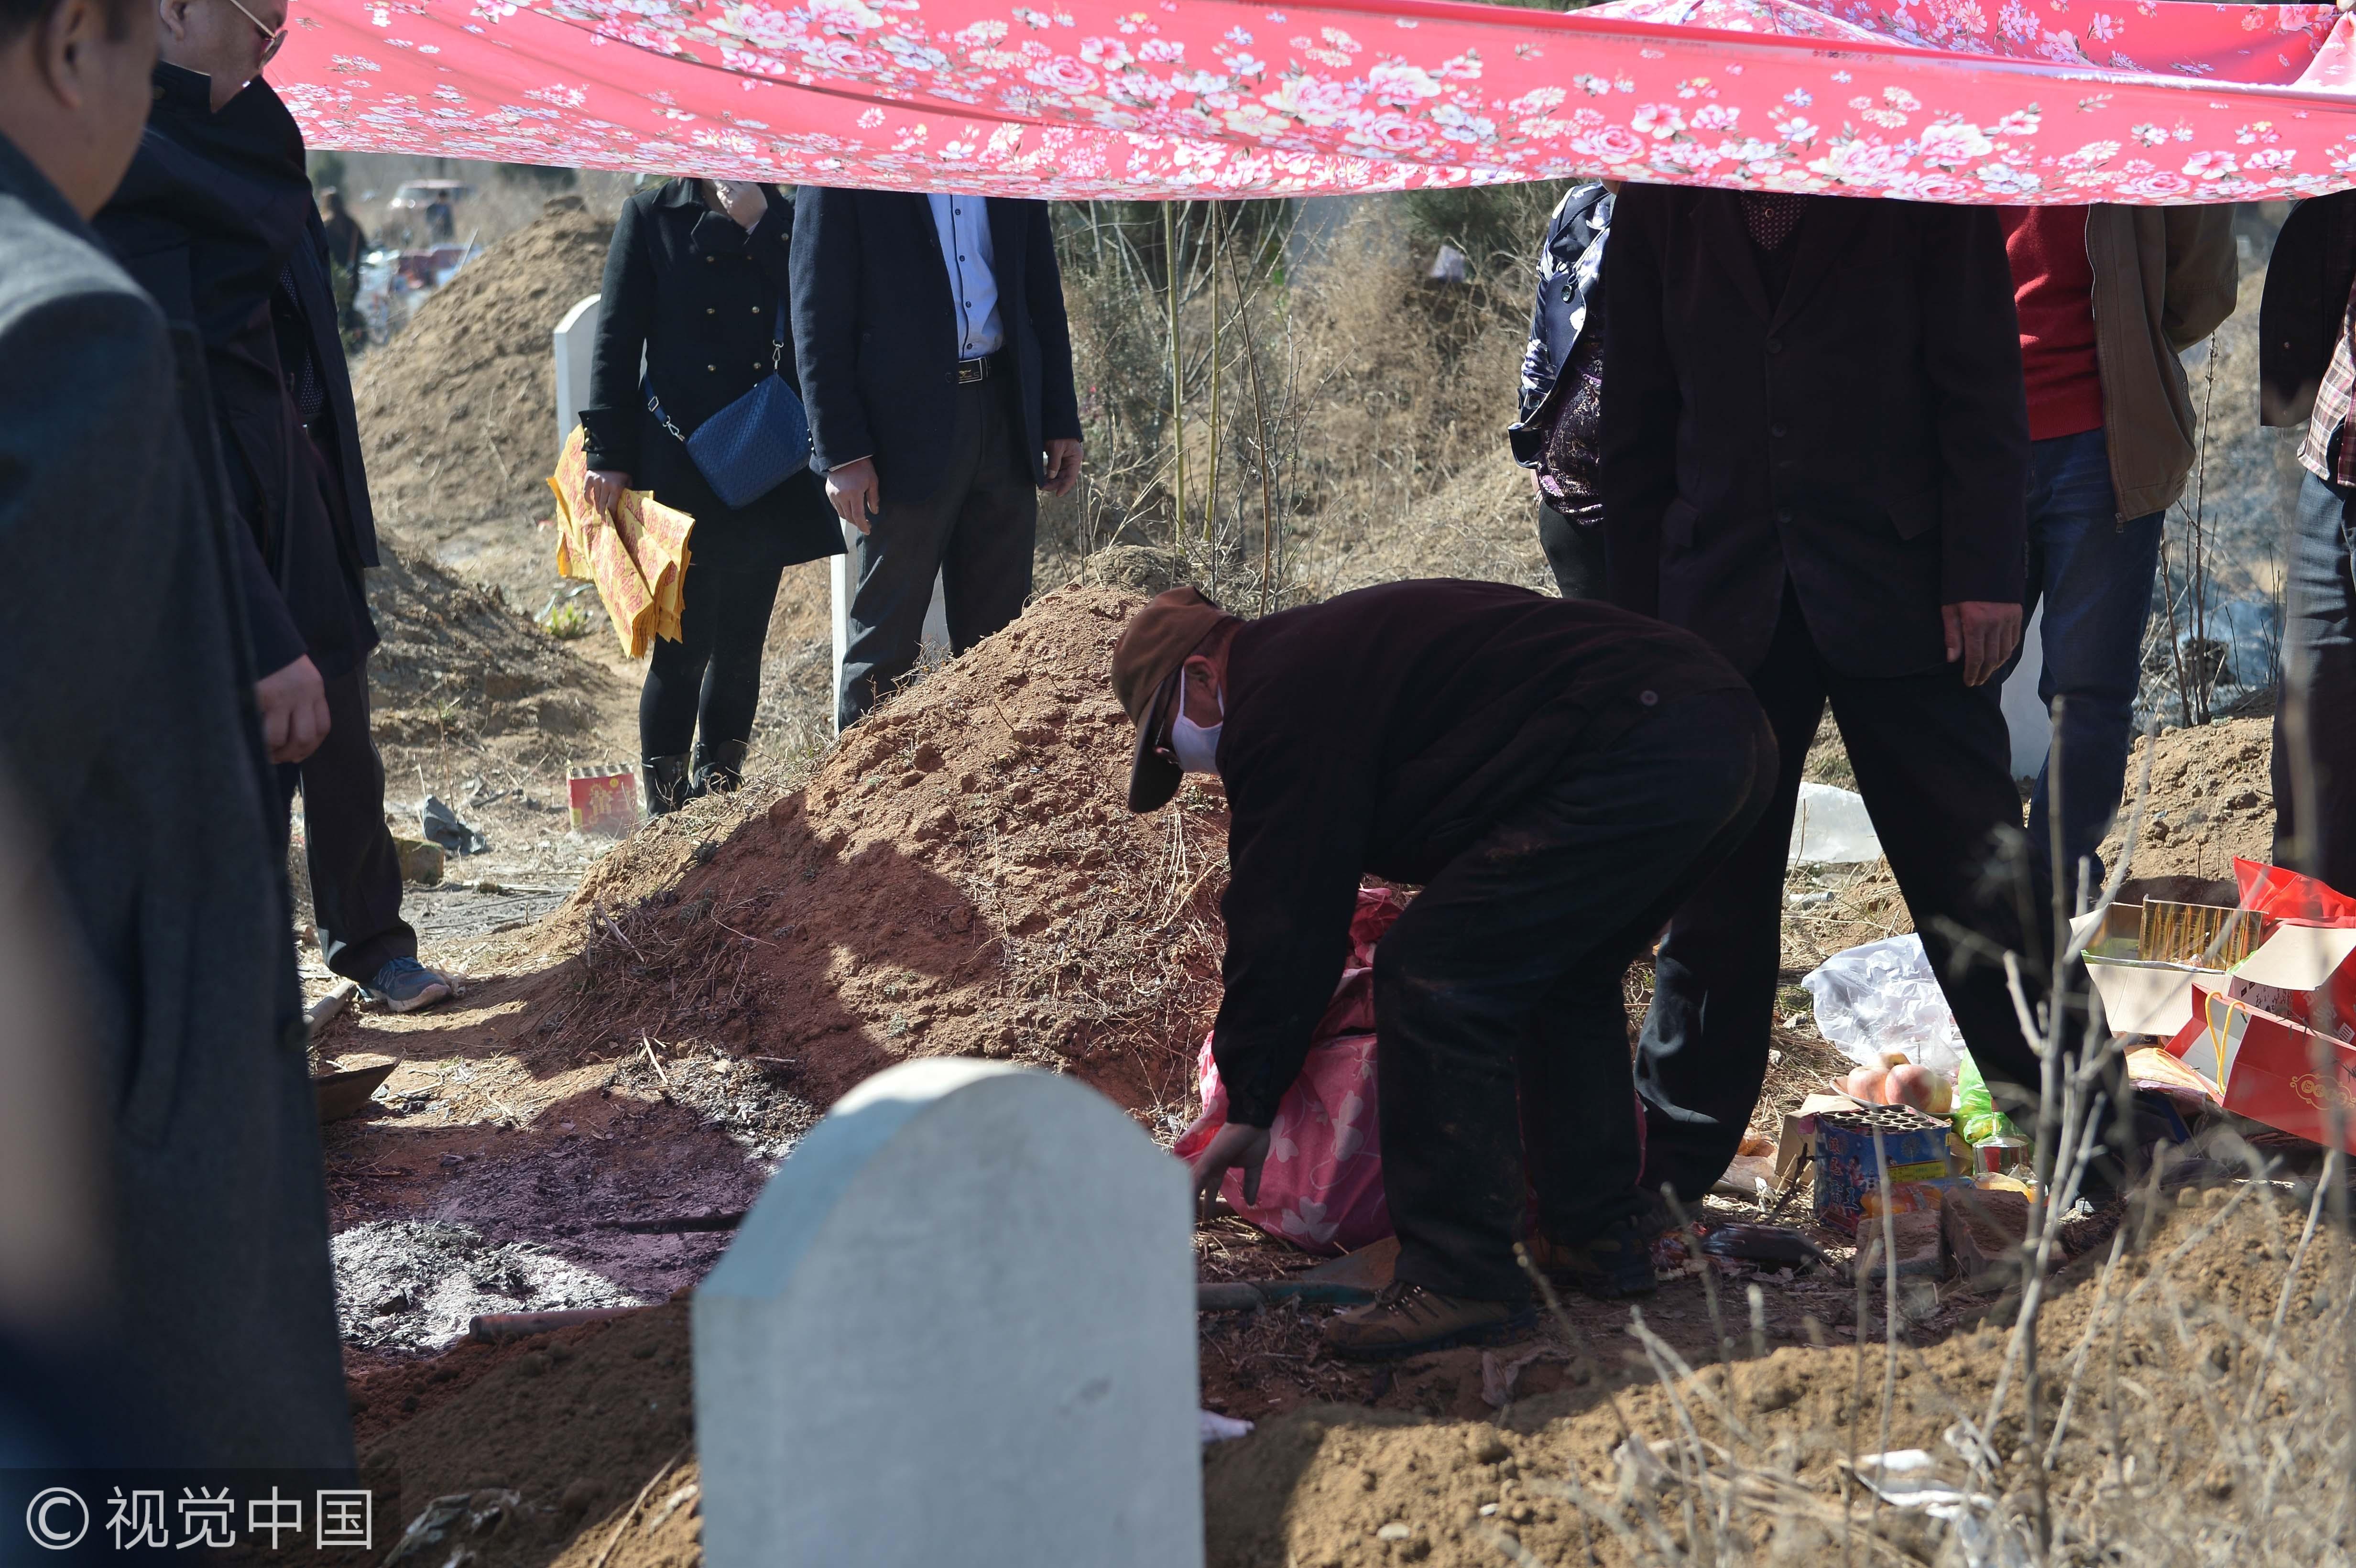 ▲▼墓葬,喪葬,葬儀,墳墓,墓園,挖墳,開棺,民俗,習俗。(圖/視覺中國CFP)